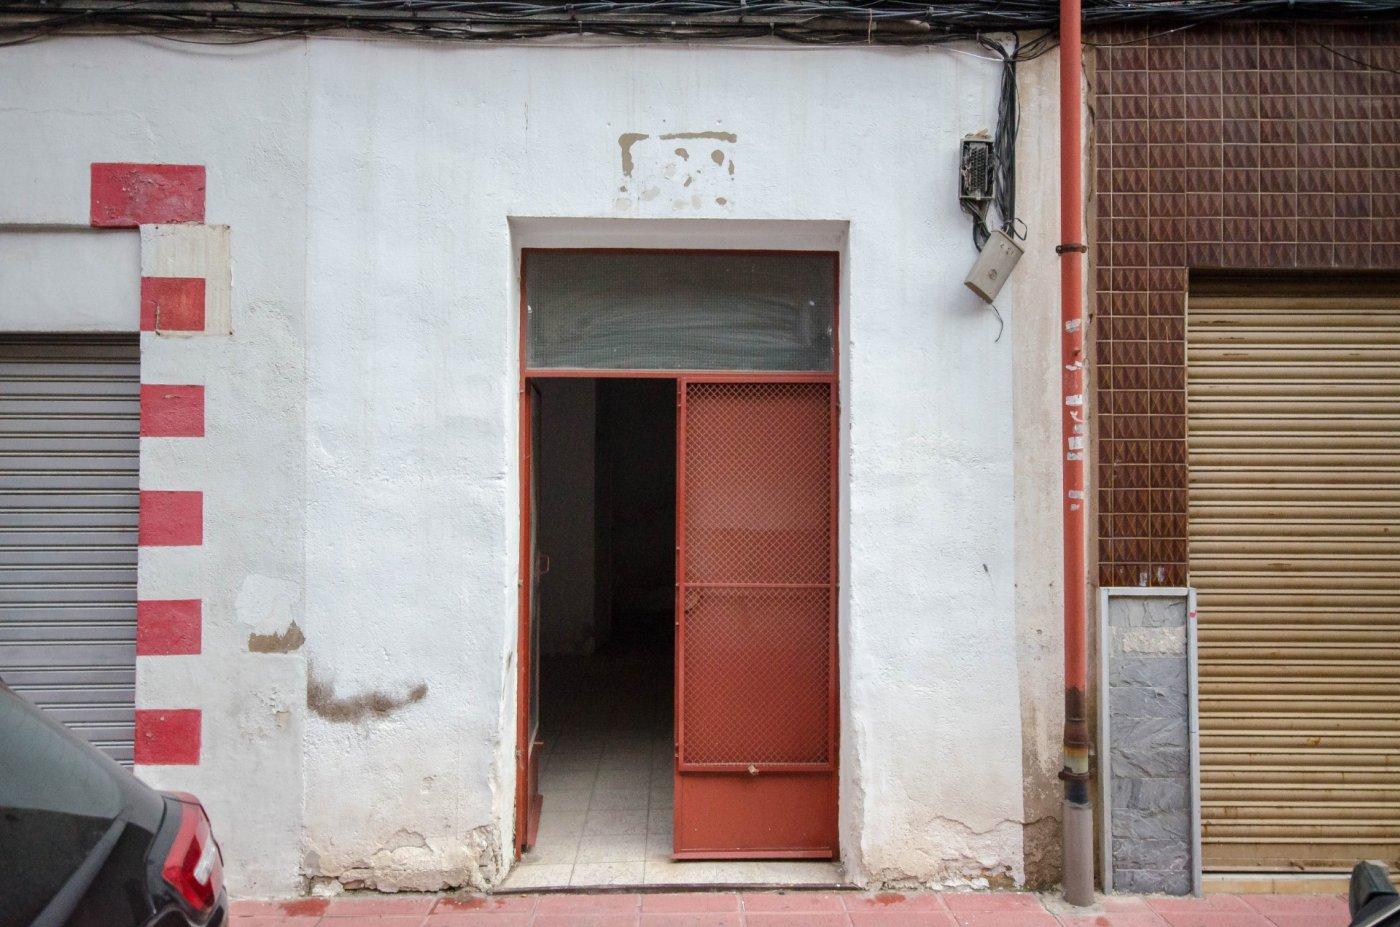 Venta de garaje en murcia - imagenInmueble8